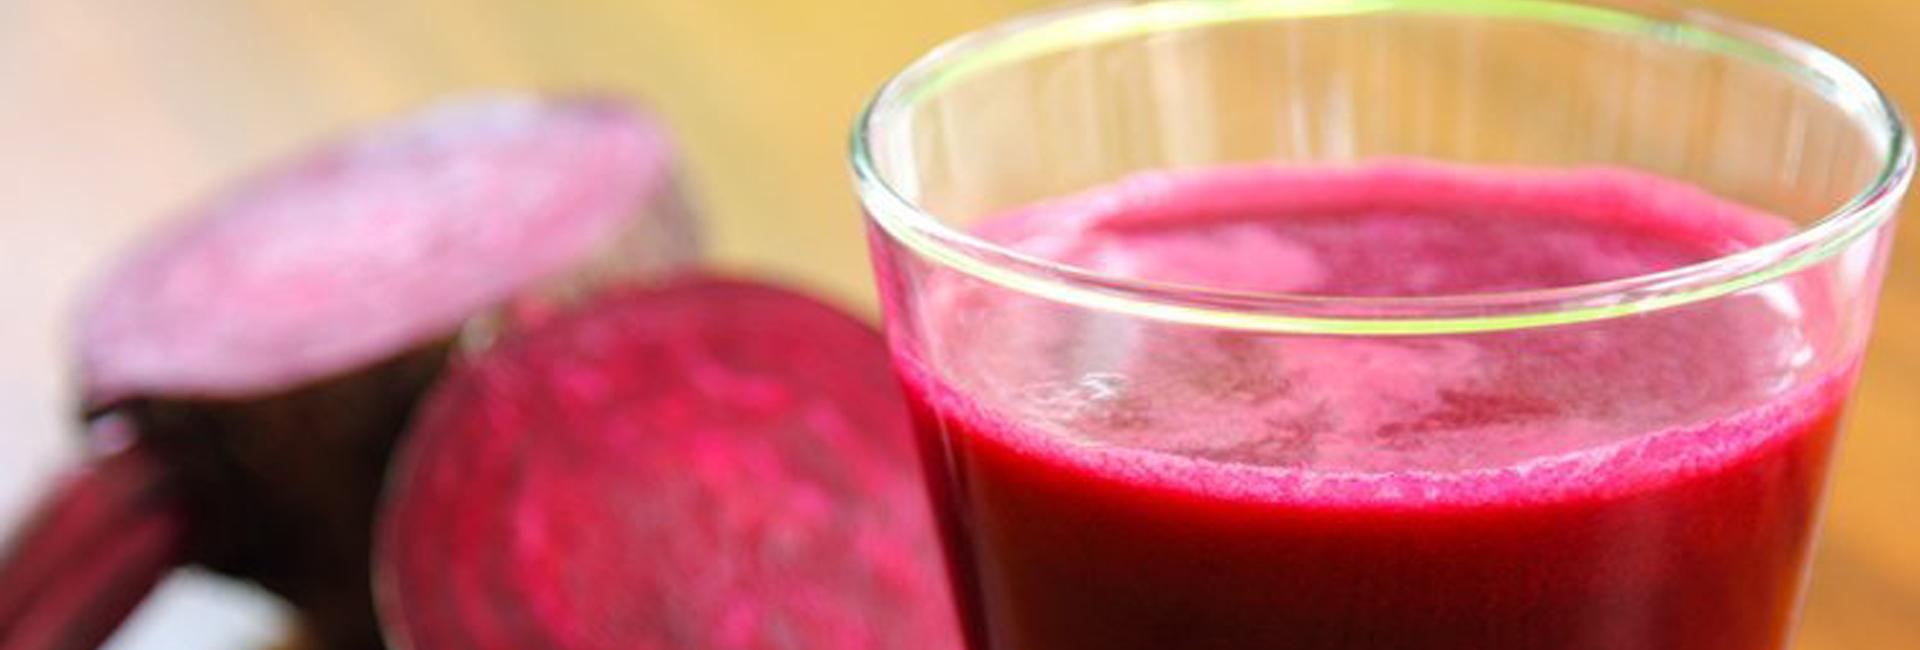 Rödbetans nitrater blir kväveoxid som vidgar blodkärlen